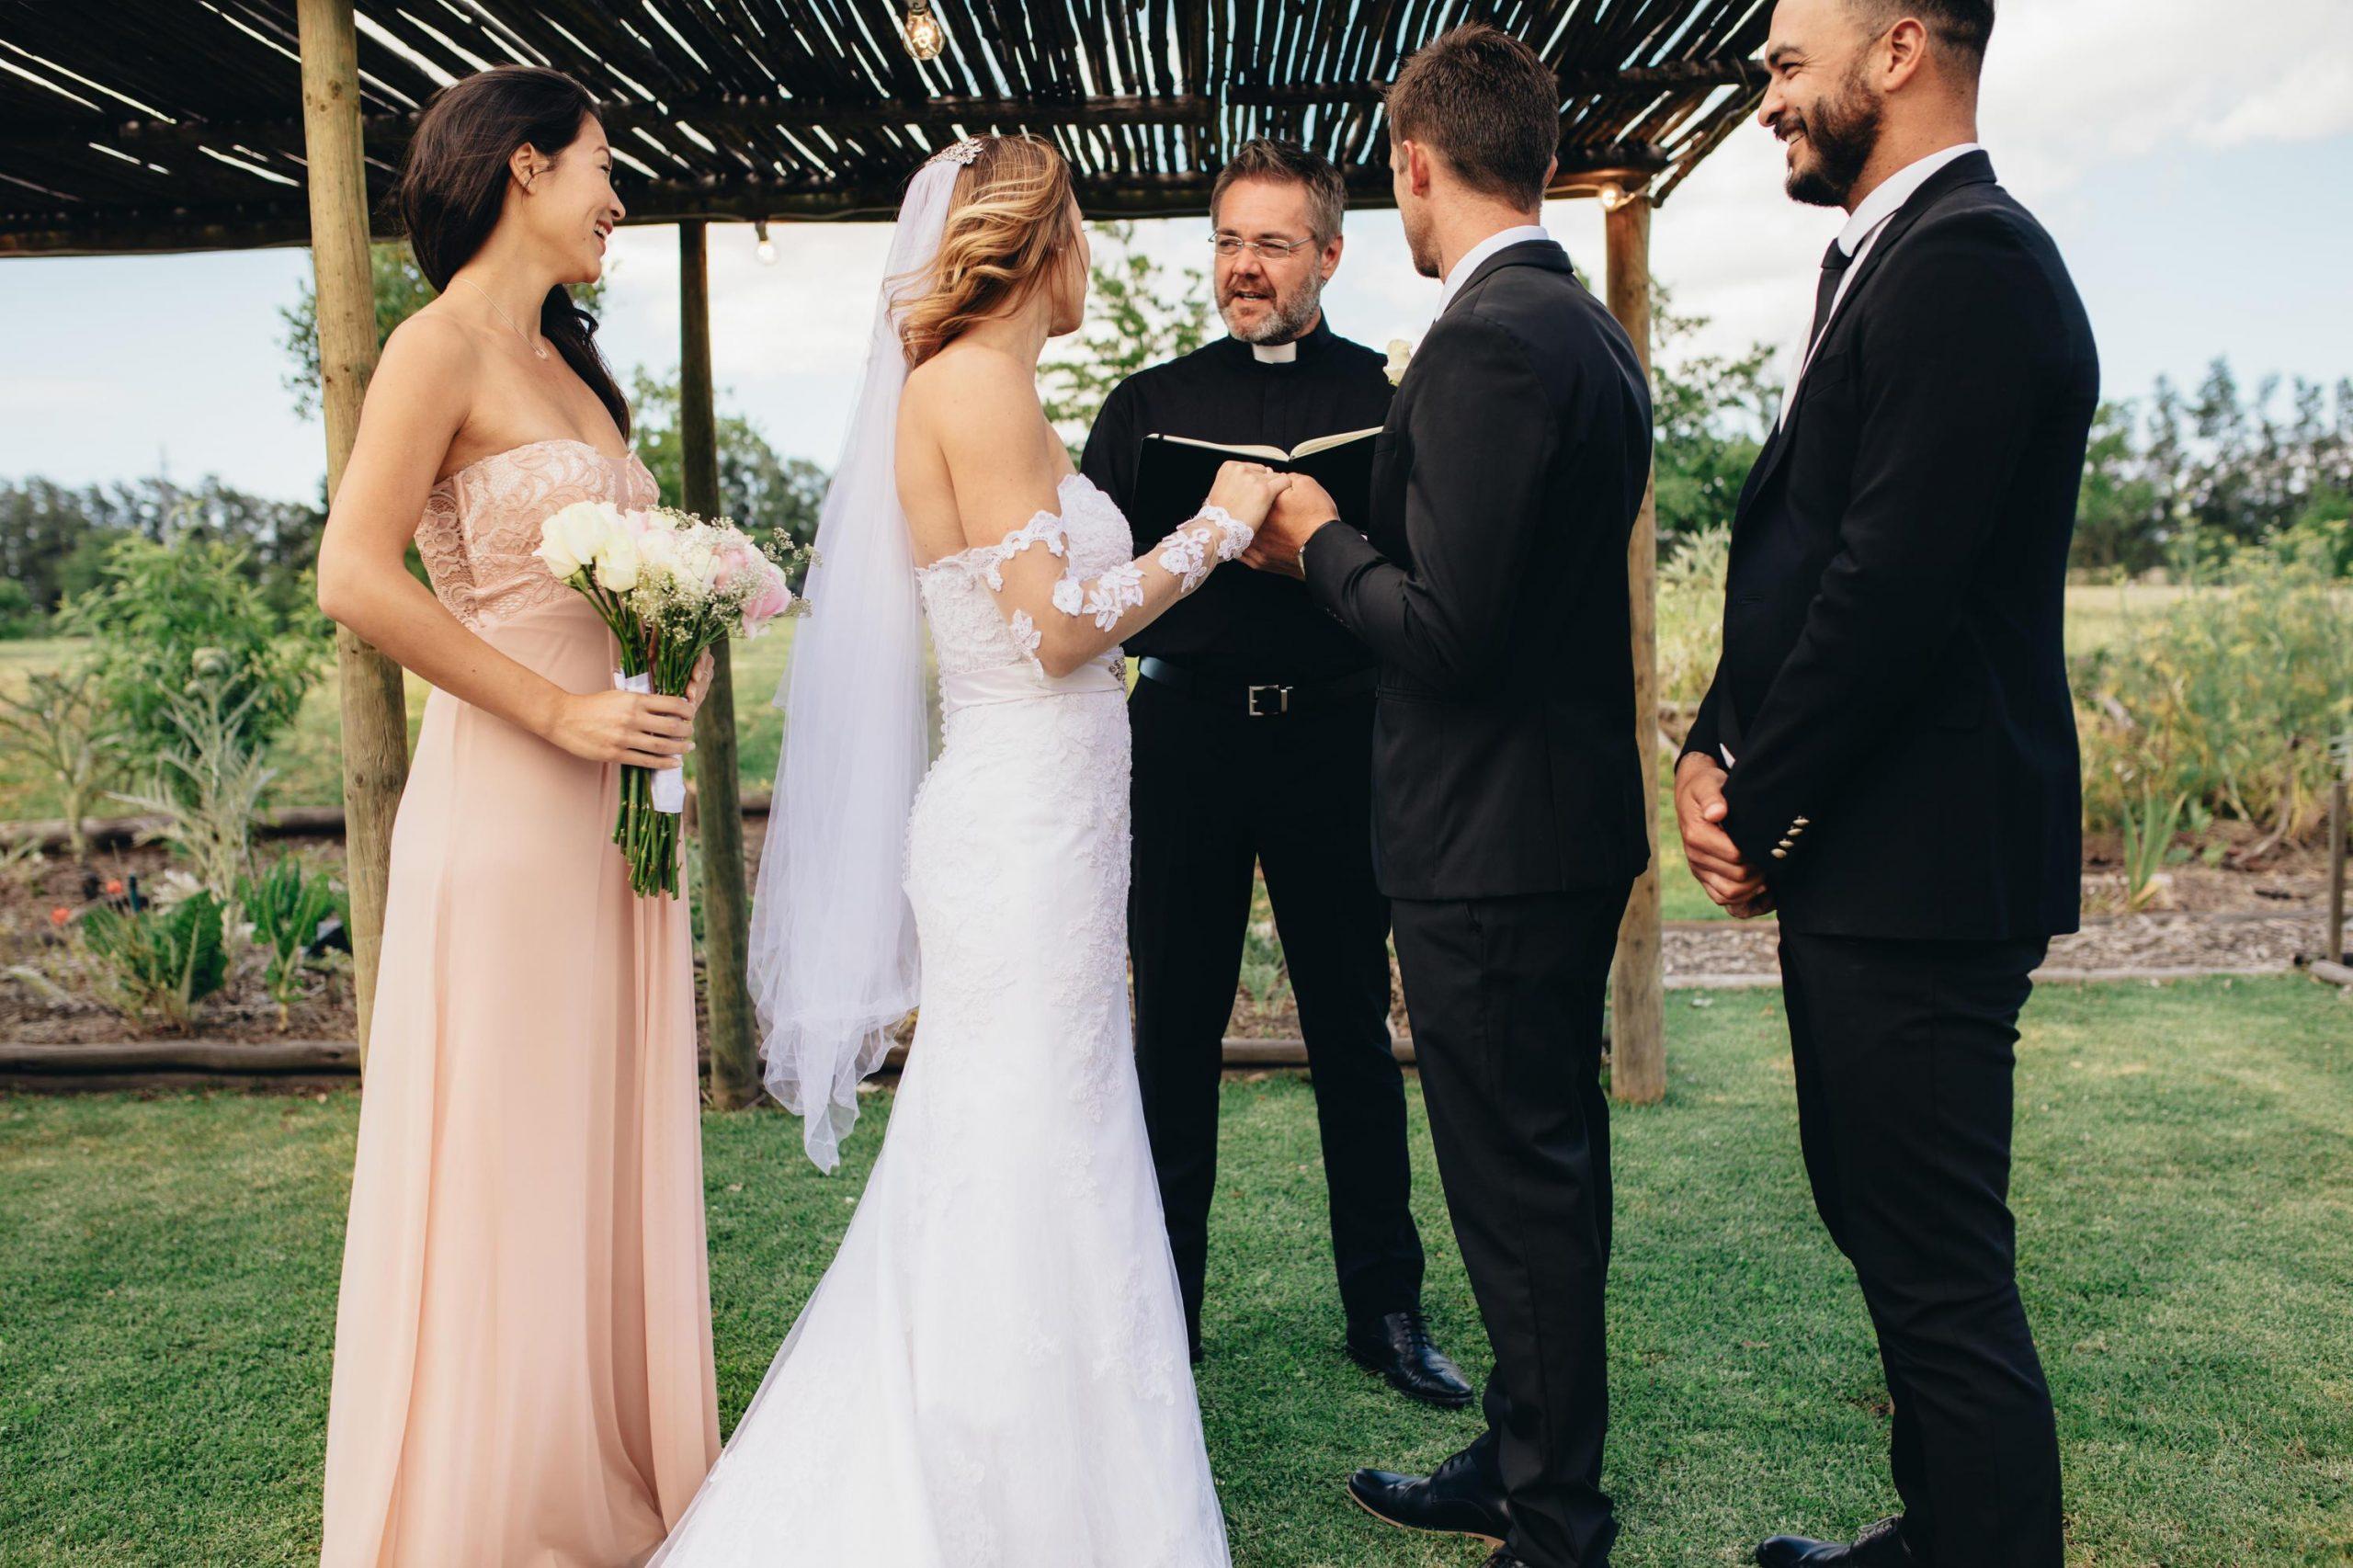 Die Hochzeit Steht An: Das Passende Outfit Als Trauzeugin